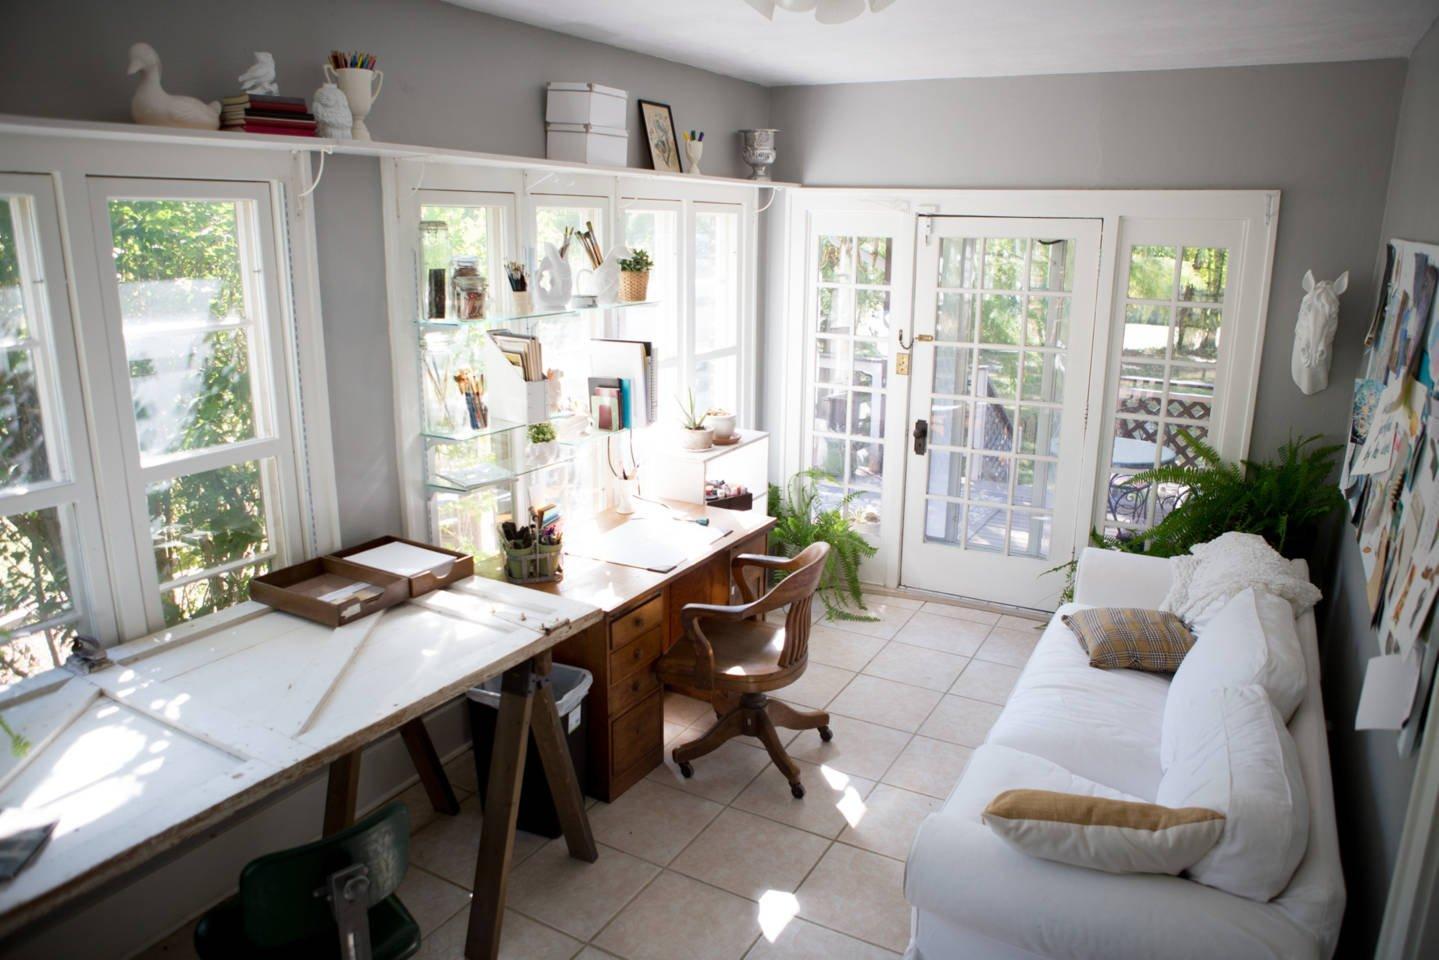 bright_sunroom_artists_studio_vintage_furnishings